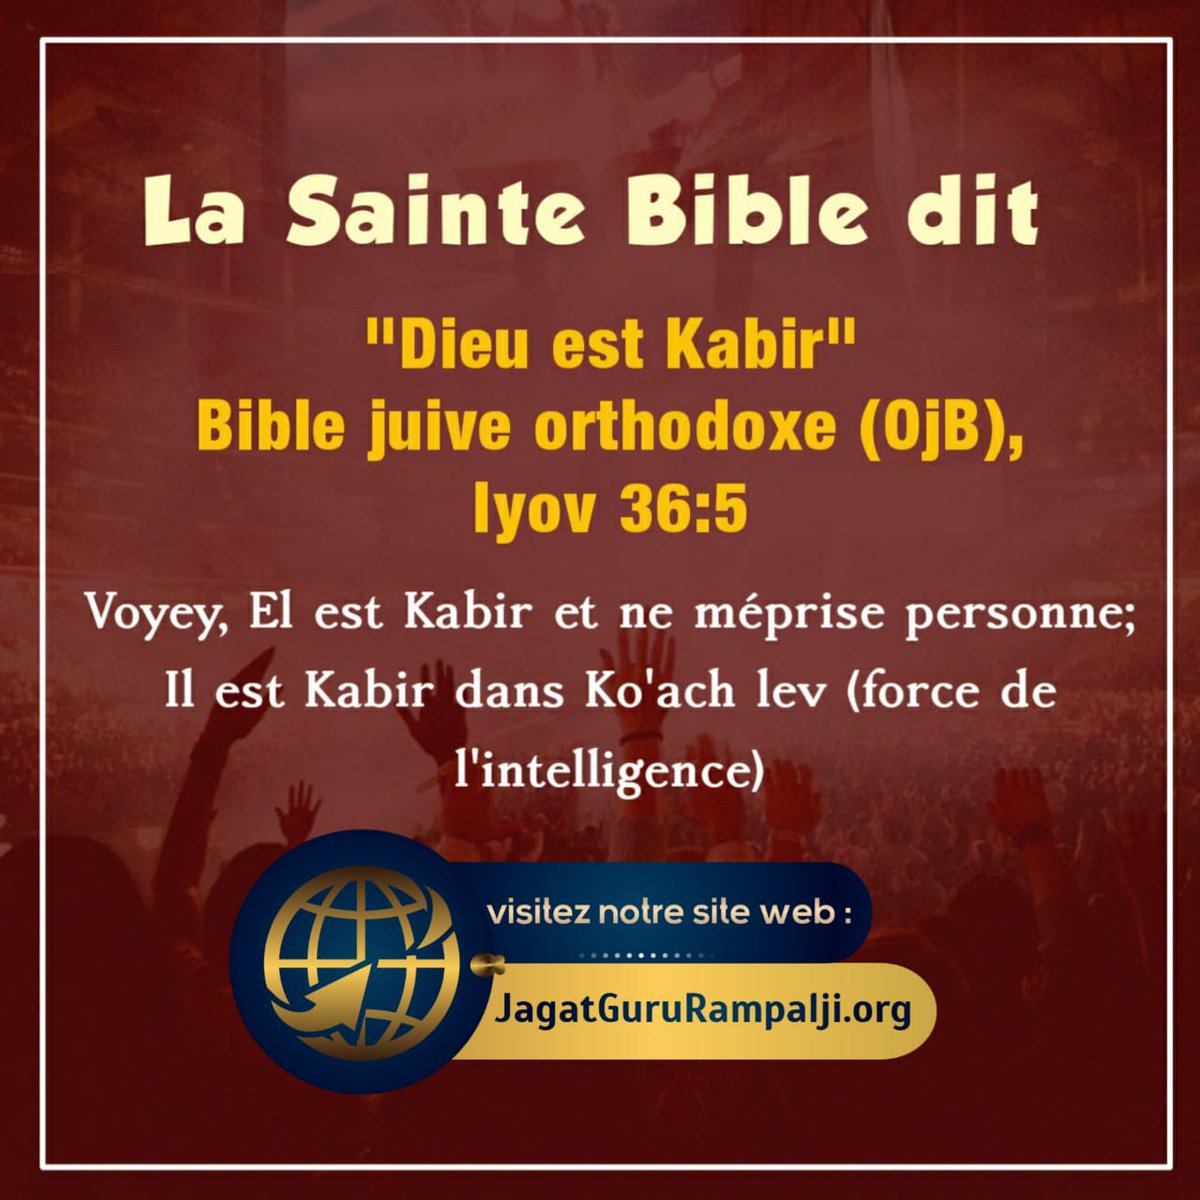 Jésus ne peut pas détruire nos péchés. La véritable adoration de Dieu #Kabir peut détruire nos péchés et nous apporter la paix et le salut. Dieu peut pardonner vos péchés.  Yajurved Adhyay 8 Mantra 13  #PortfolioDay